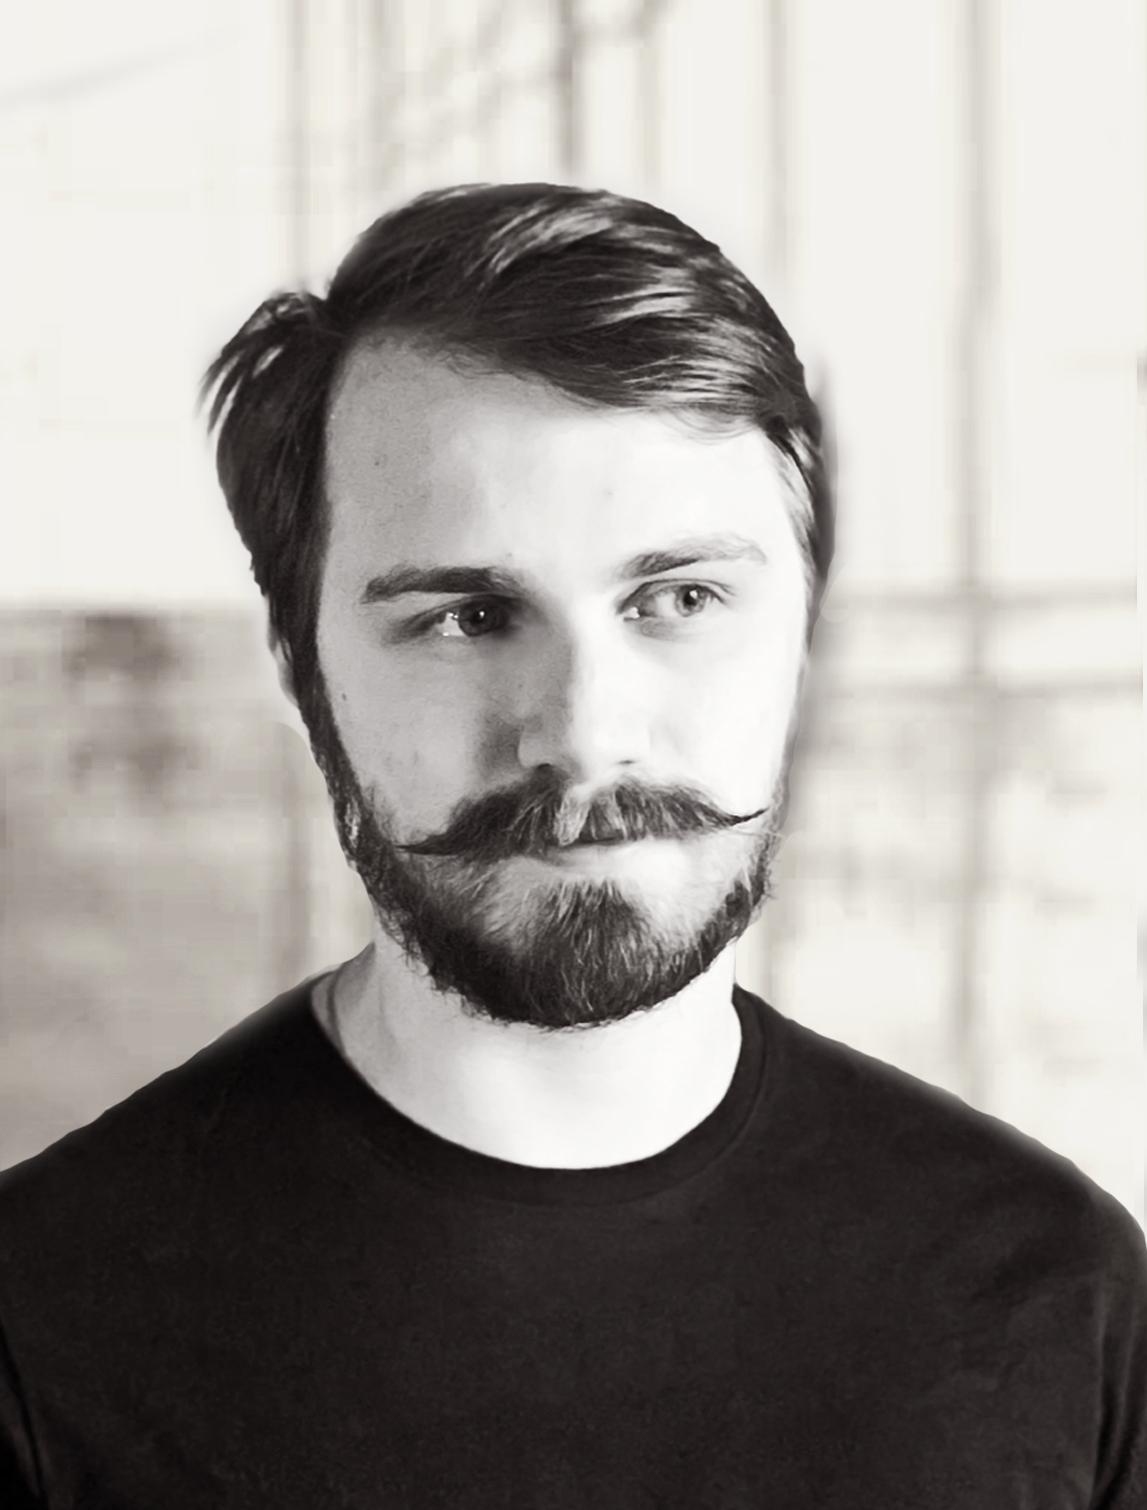 Dmitry Profile